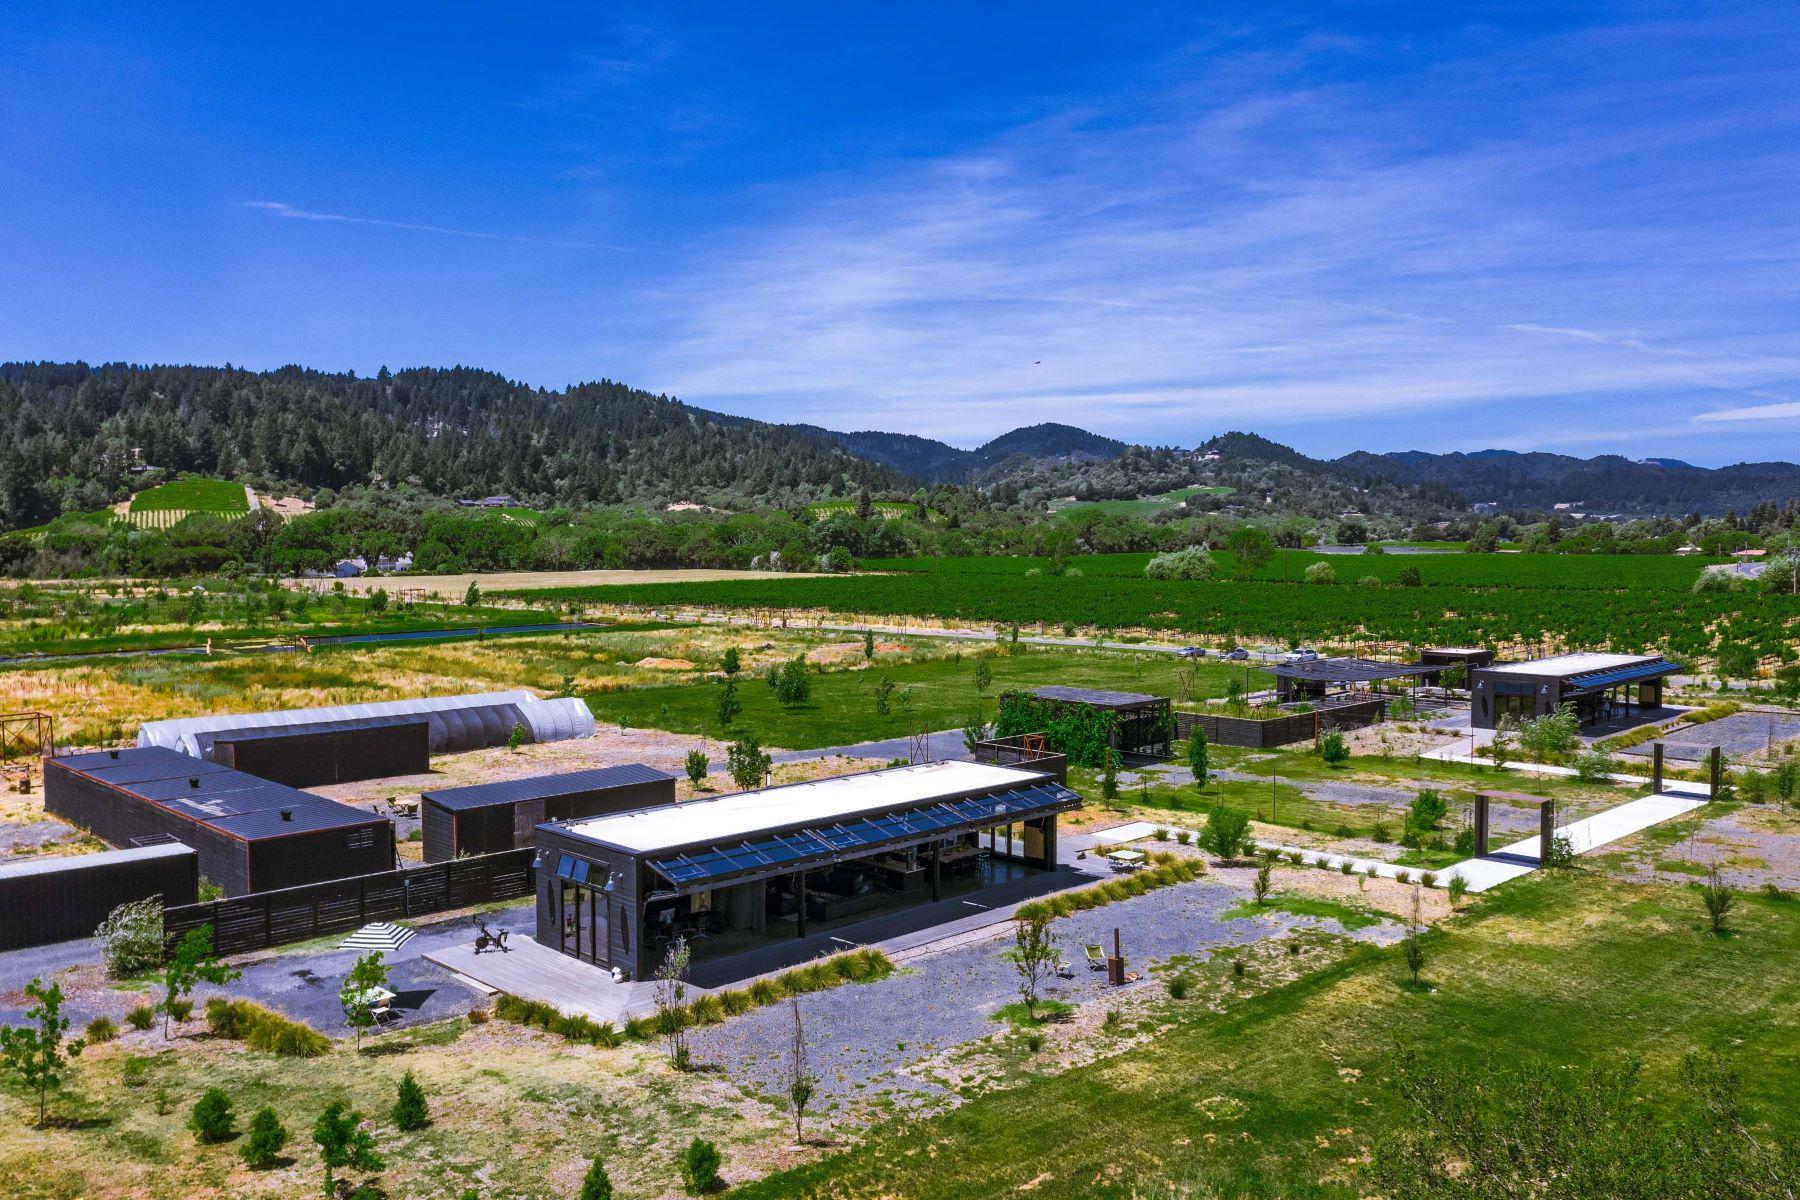 土地,用地 为 销售 在 Noci Healdsburg 2836 Dry Creek Rd 希尔兹堡, 加利福尼亚州 95448 美国